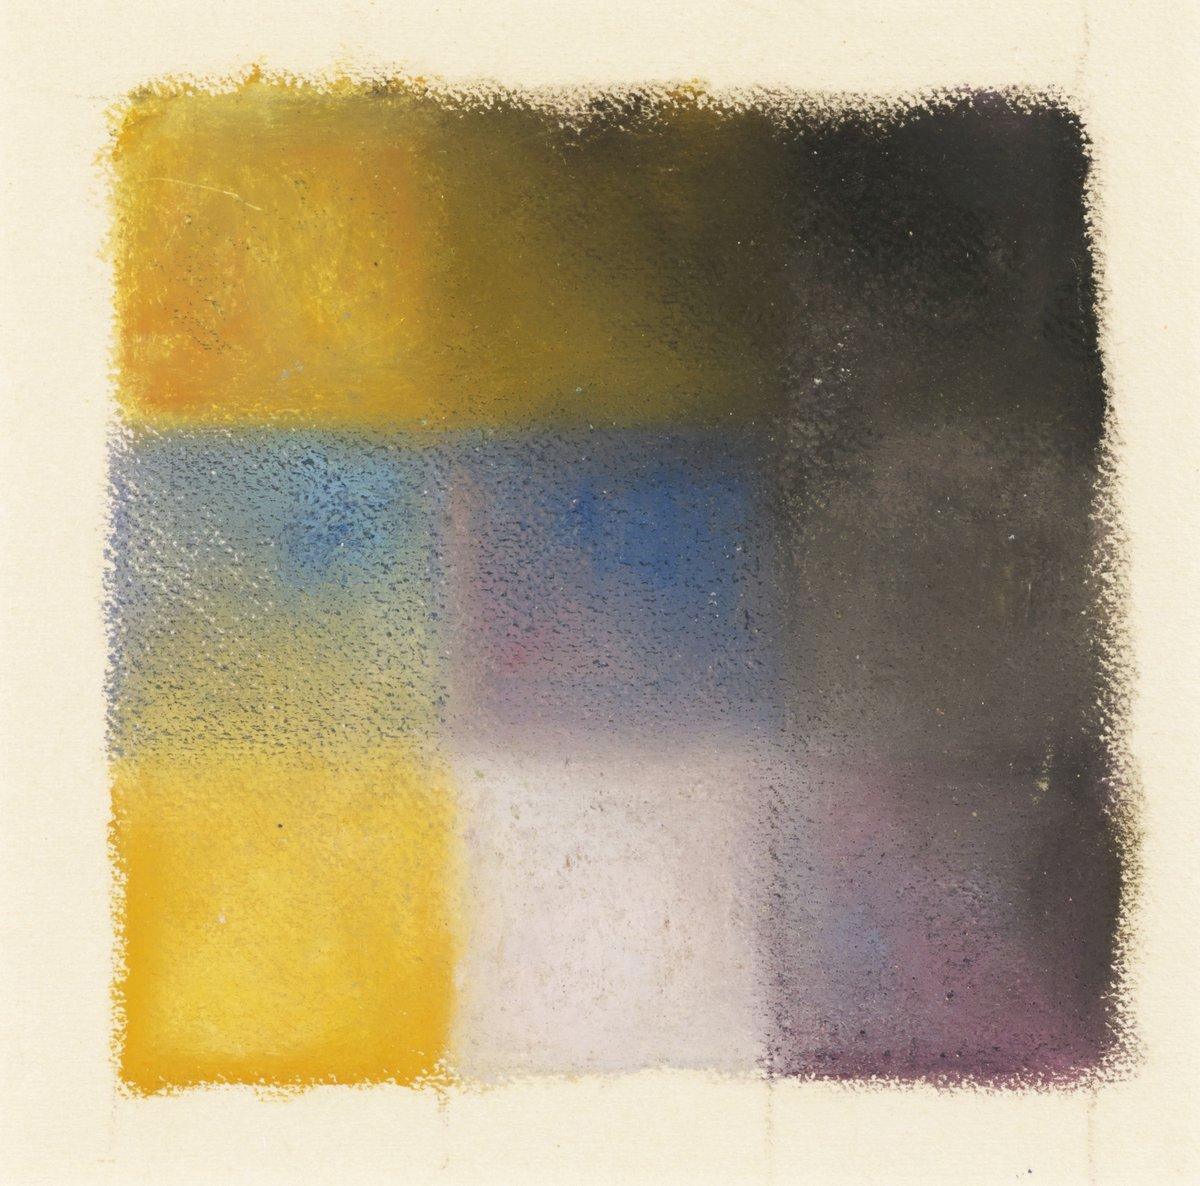 Джакометти Аугусто, картина Абстракция в желтом, голубом и фиолетовомДжакометти Аугусто<br>Репродукция на холсте или бумаге. Любого нужного вам размера. В раме или без. Подвес в комплекте. Трехслойная надежная упаковка. Доставим в любую точку России. Вам осталось только повесить картину на стену!<br>